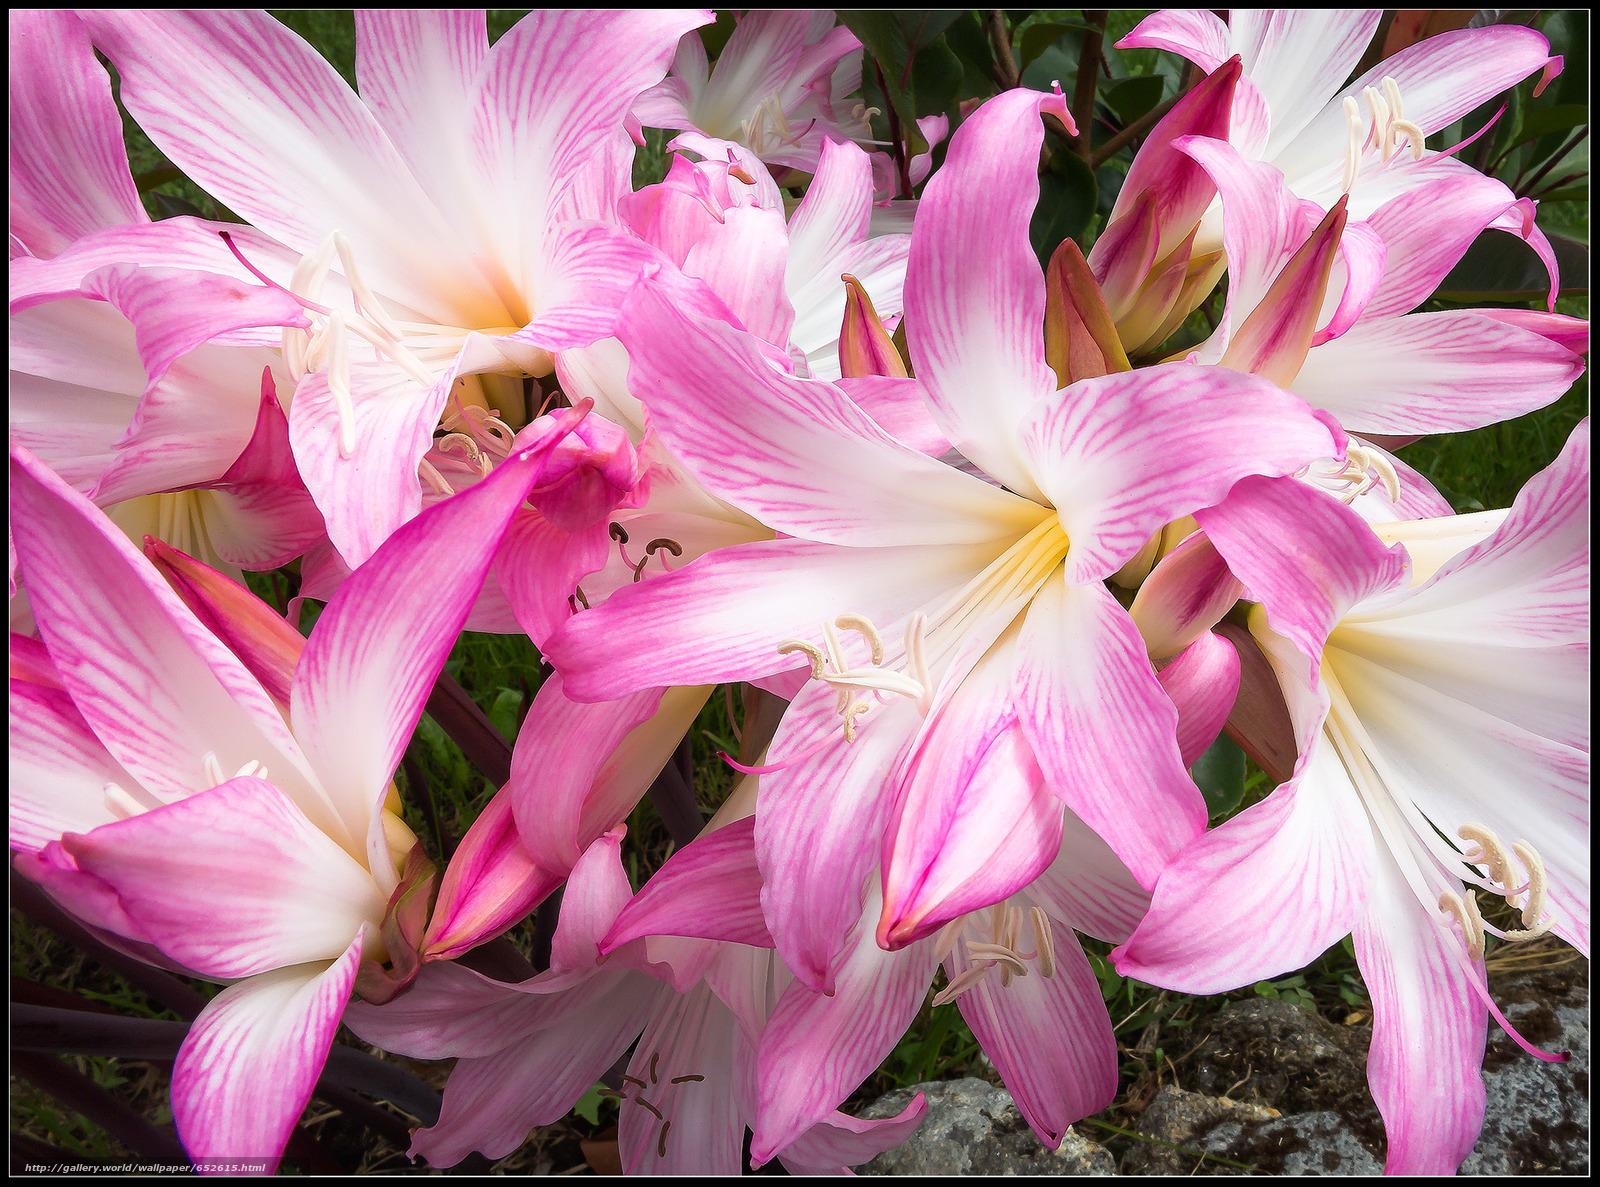 Скачать обои АМАРИЛЛИС-БЕЛЛАДОНА,  цветы,  флора бесплатно для рабочего стола в разрешении 1982x1470 — картинка №652615